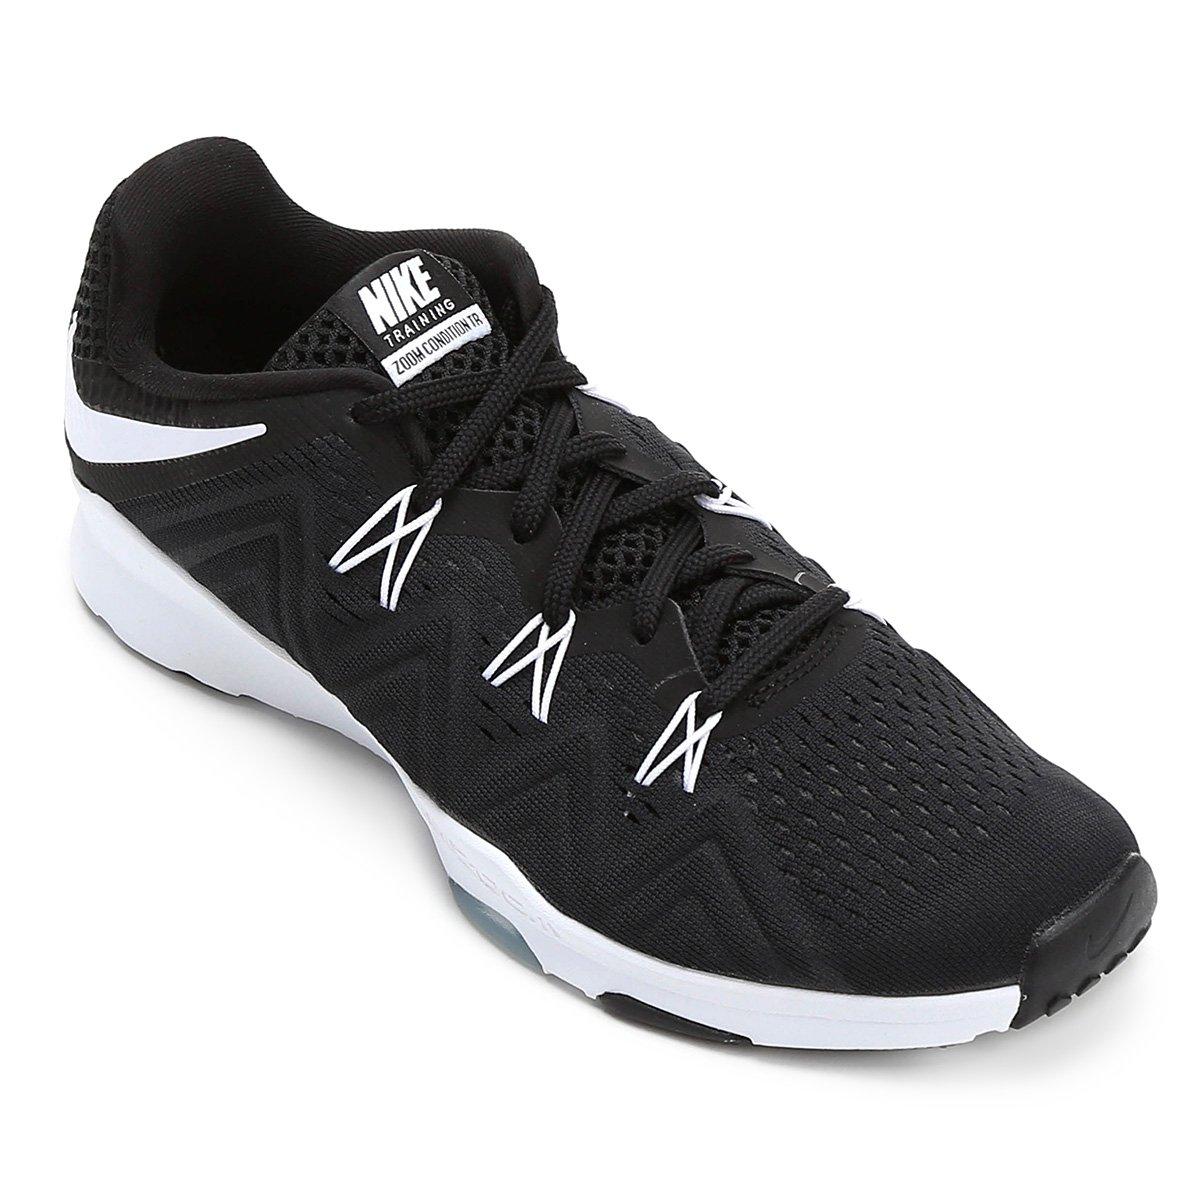 21ffb4dffc68a Tênis Nike Zoom Condition TR Feminino - Preto e Branco - Compre Agora